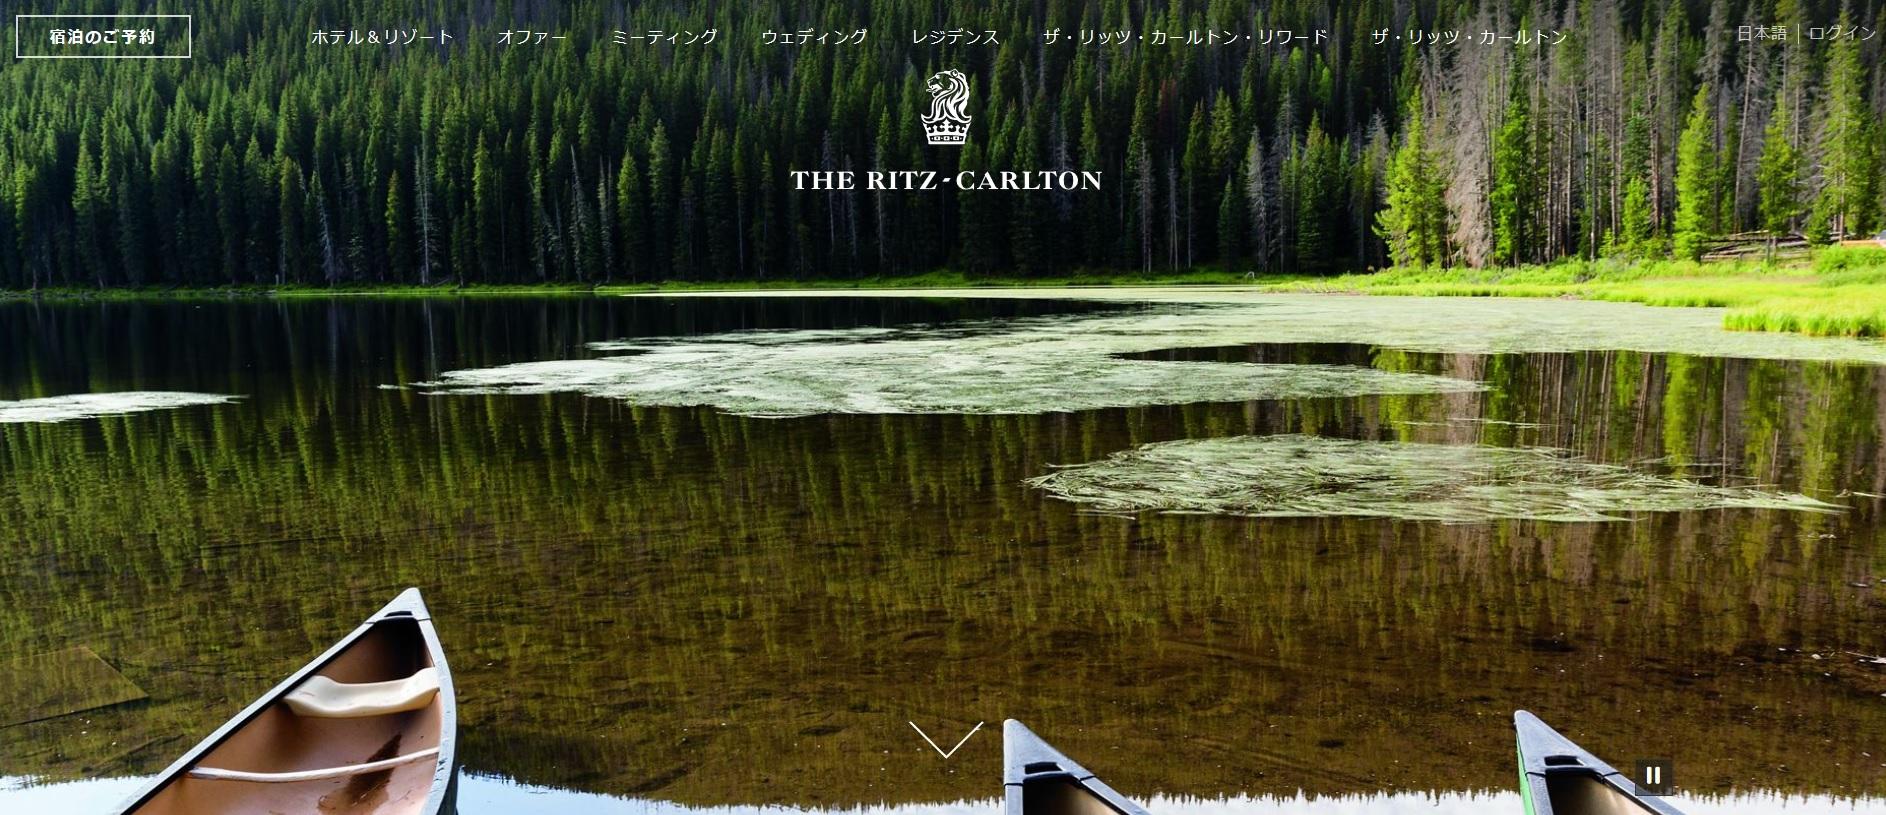 リッツカールトンの画像